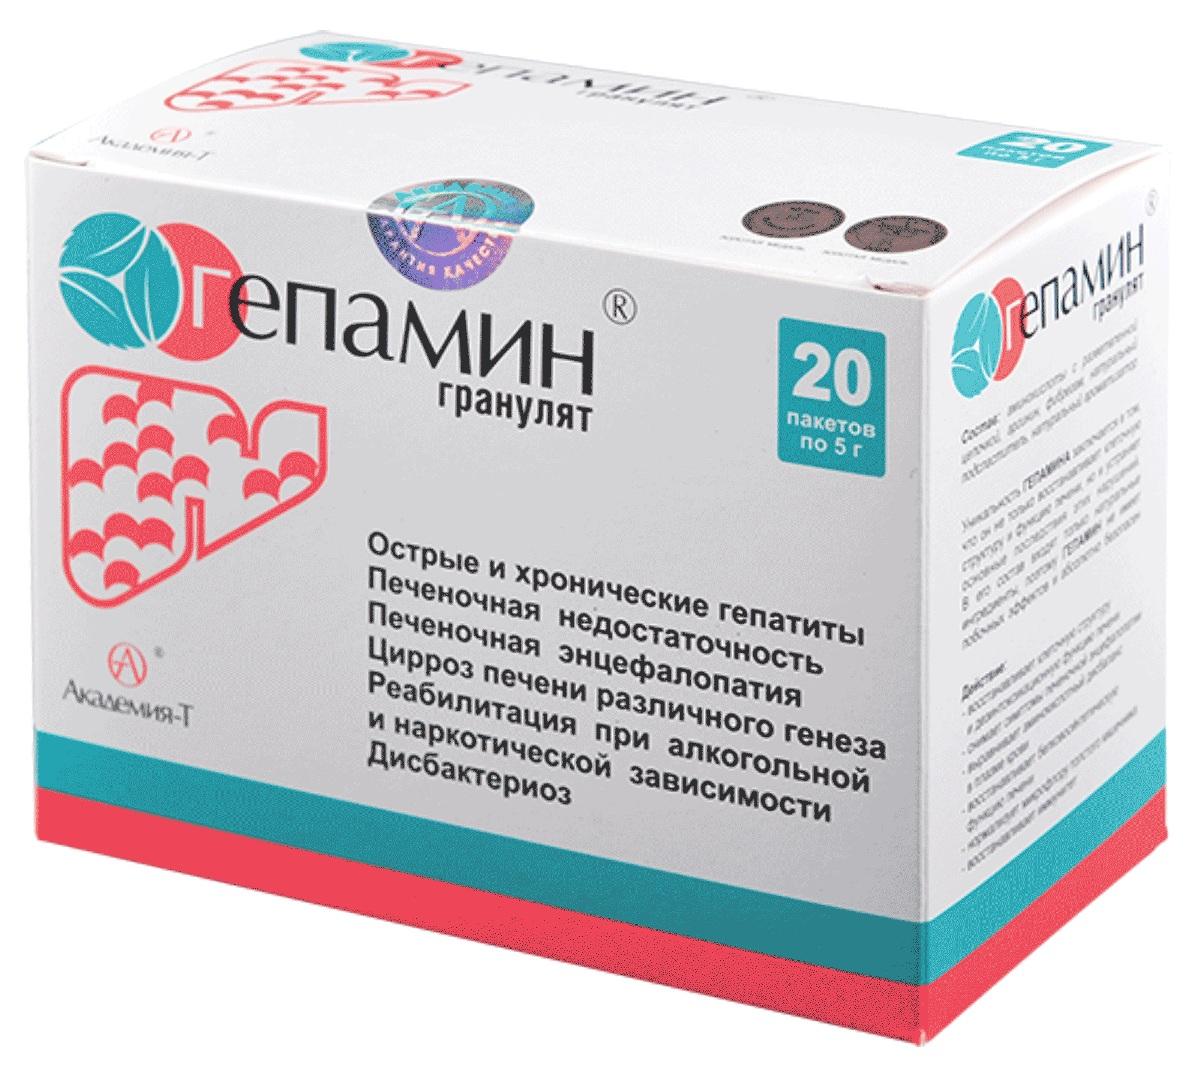 Специальные препараты Академия-Т Гепамин, в виде гранулят, 20 шт00000000025Академия-Т Гепамин - это специализированный,физиологически и клинически адаптированный продукт,предназначенный для пациентов с различнымизаболеваниями и вторичными поражениями печени,сопровождающимися клиническими проявлениямихронической печеночной недостаточности и нарушениемфункций кишечника.Действие:- восстанавливает клеточную структуру идезинтоксикационную функцию печени;- снимает симптомы печеночной энцефалопатомии;- выравнивает аминокислотный дисбаланс в плазме крови; - восстанавливает белковосинтетическую функцию печени; - нормализует микрофлору толстого кишечника;- восстанавливает иммунитет. Состав: аминокислоты с разветвленной боковой цепочкой(лейцин, изолейцин, валин), аргинин, биоволокно Фибрегам,подсластитель, ароматизатор.Способ применения: принимать 3-4 раза в день во время или непосредственно после еды. Рекомендуется запивать жидкостью с насыщенным вкусом (соком, морсом и другим), либо добавлять в кефир или йогурт. Товар сертифицирован.Как повысить эффективность тренировок с помощью спортивного питания? Статья OZON Гид